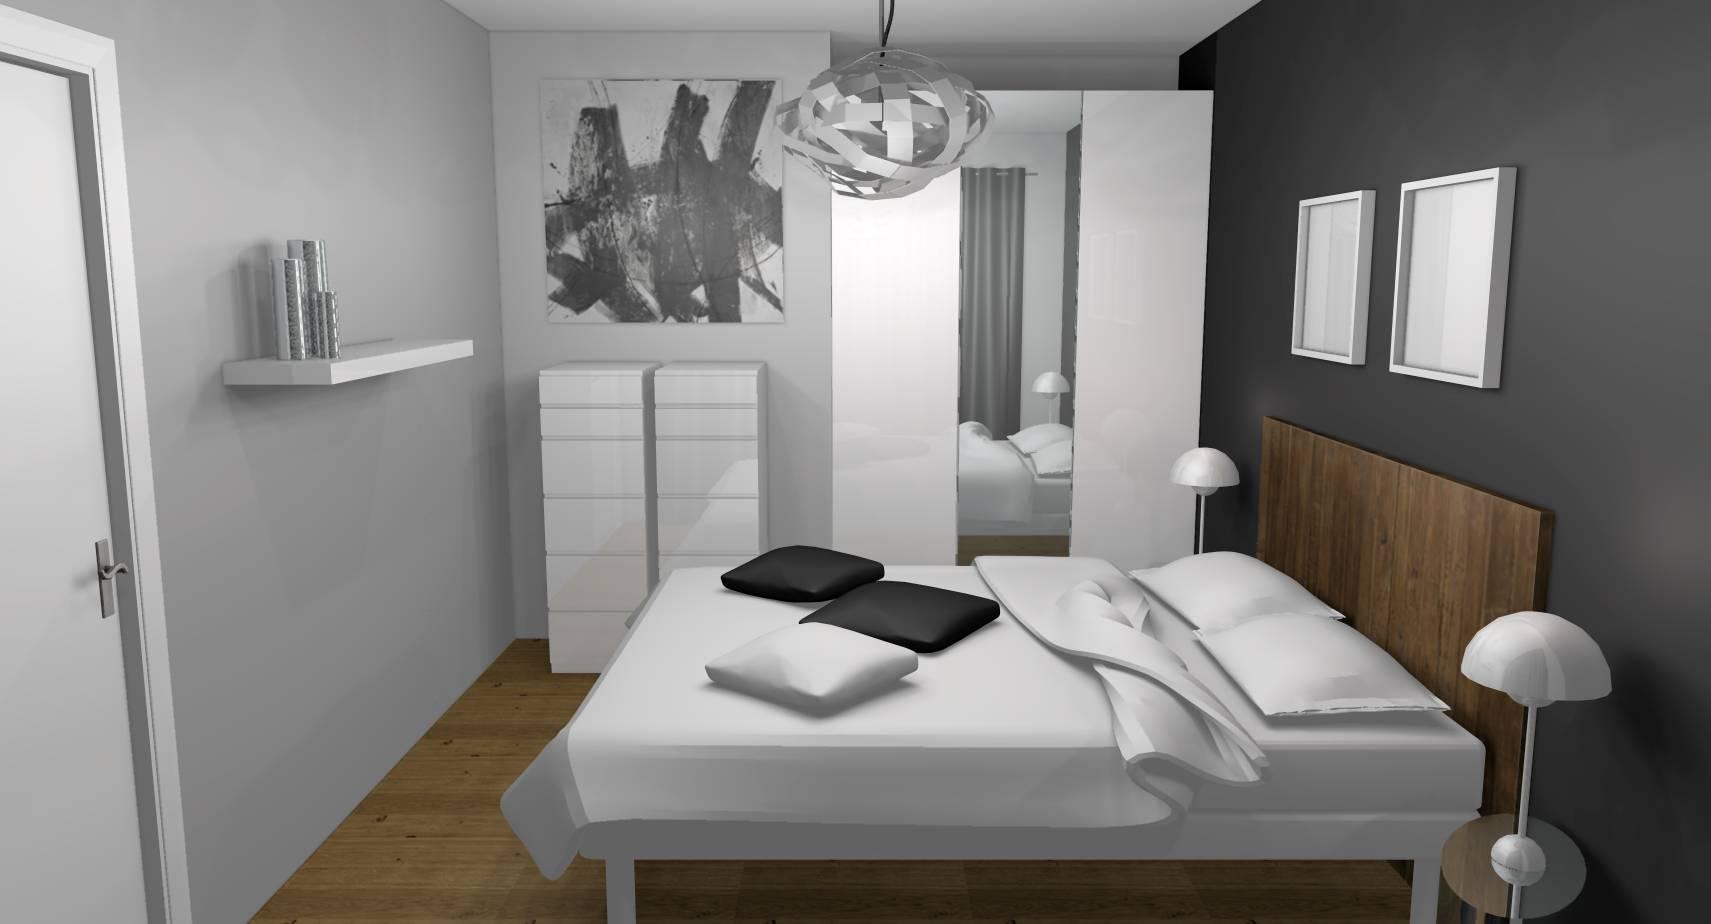 peinture decoration interieur chambre id es de travaux. Black Bedroom Furniture Sets. Home Design Ideas